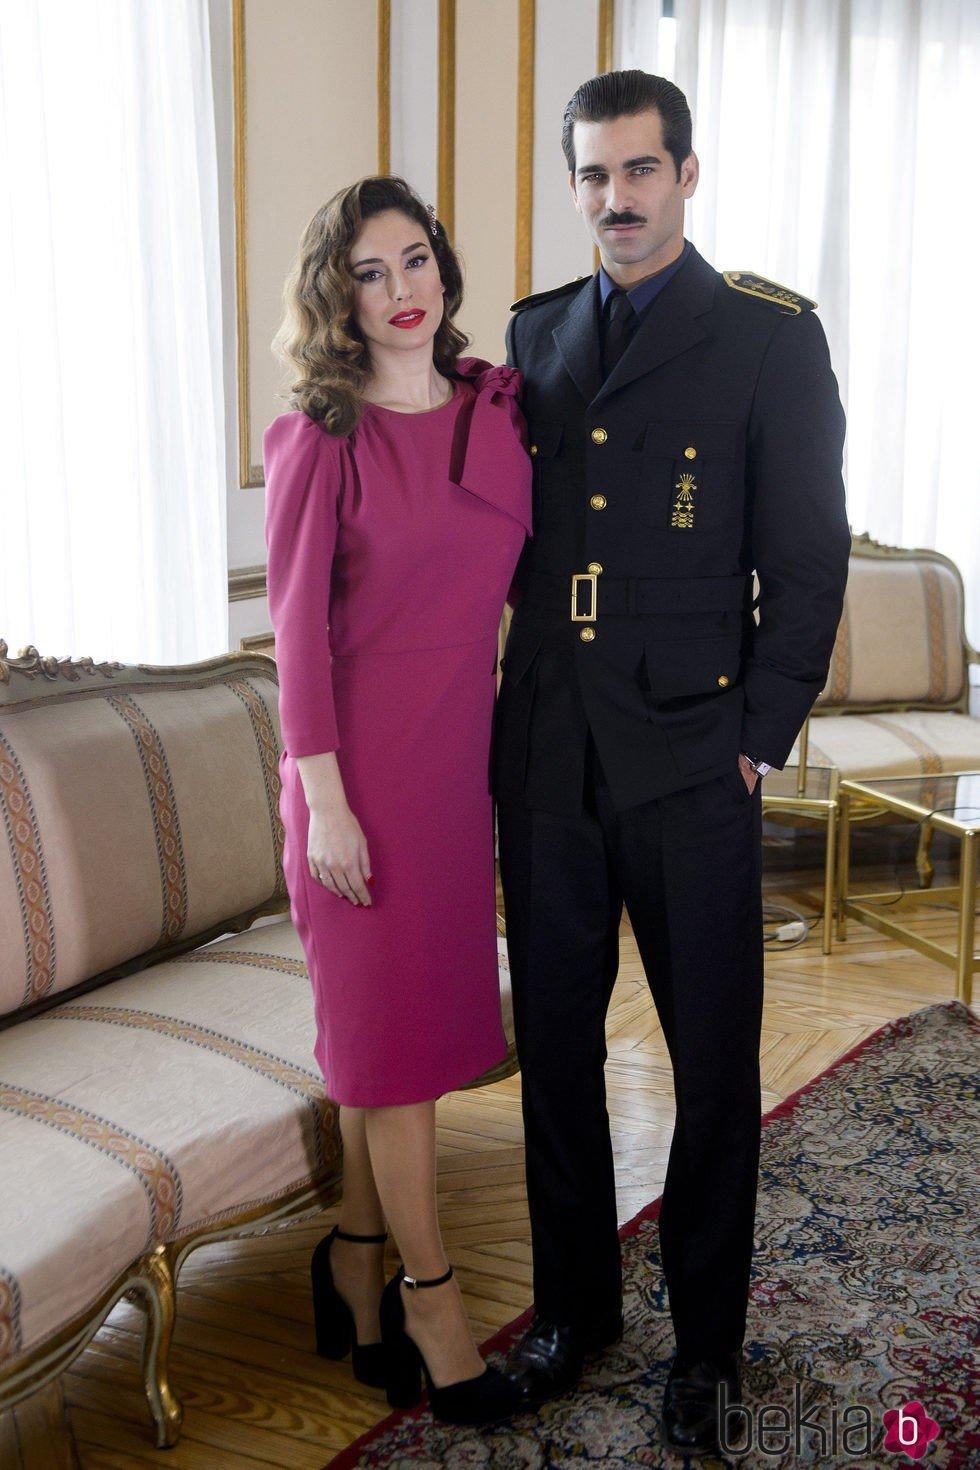 Blanca Suárez y Rubén Cortada en la presentación de 'Lo que escondían sus ojos'